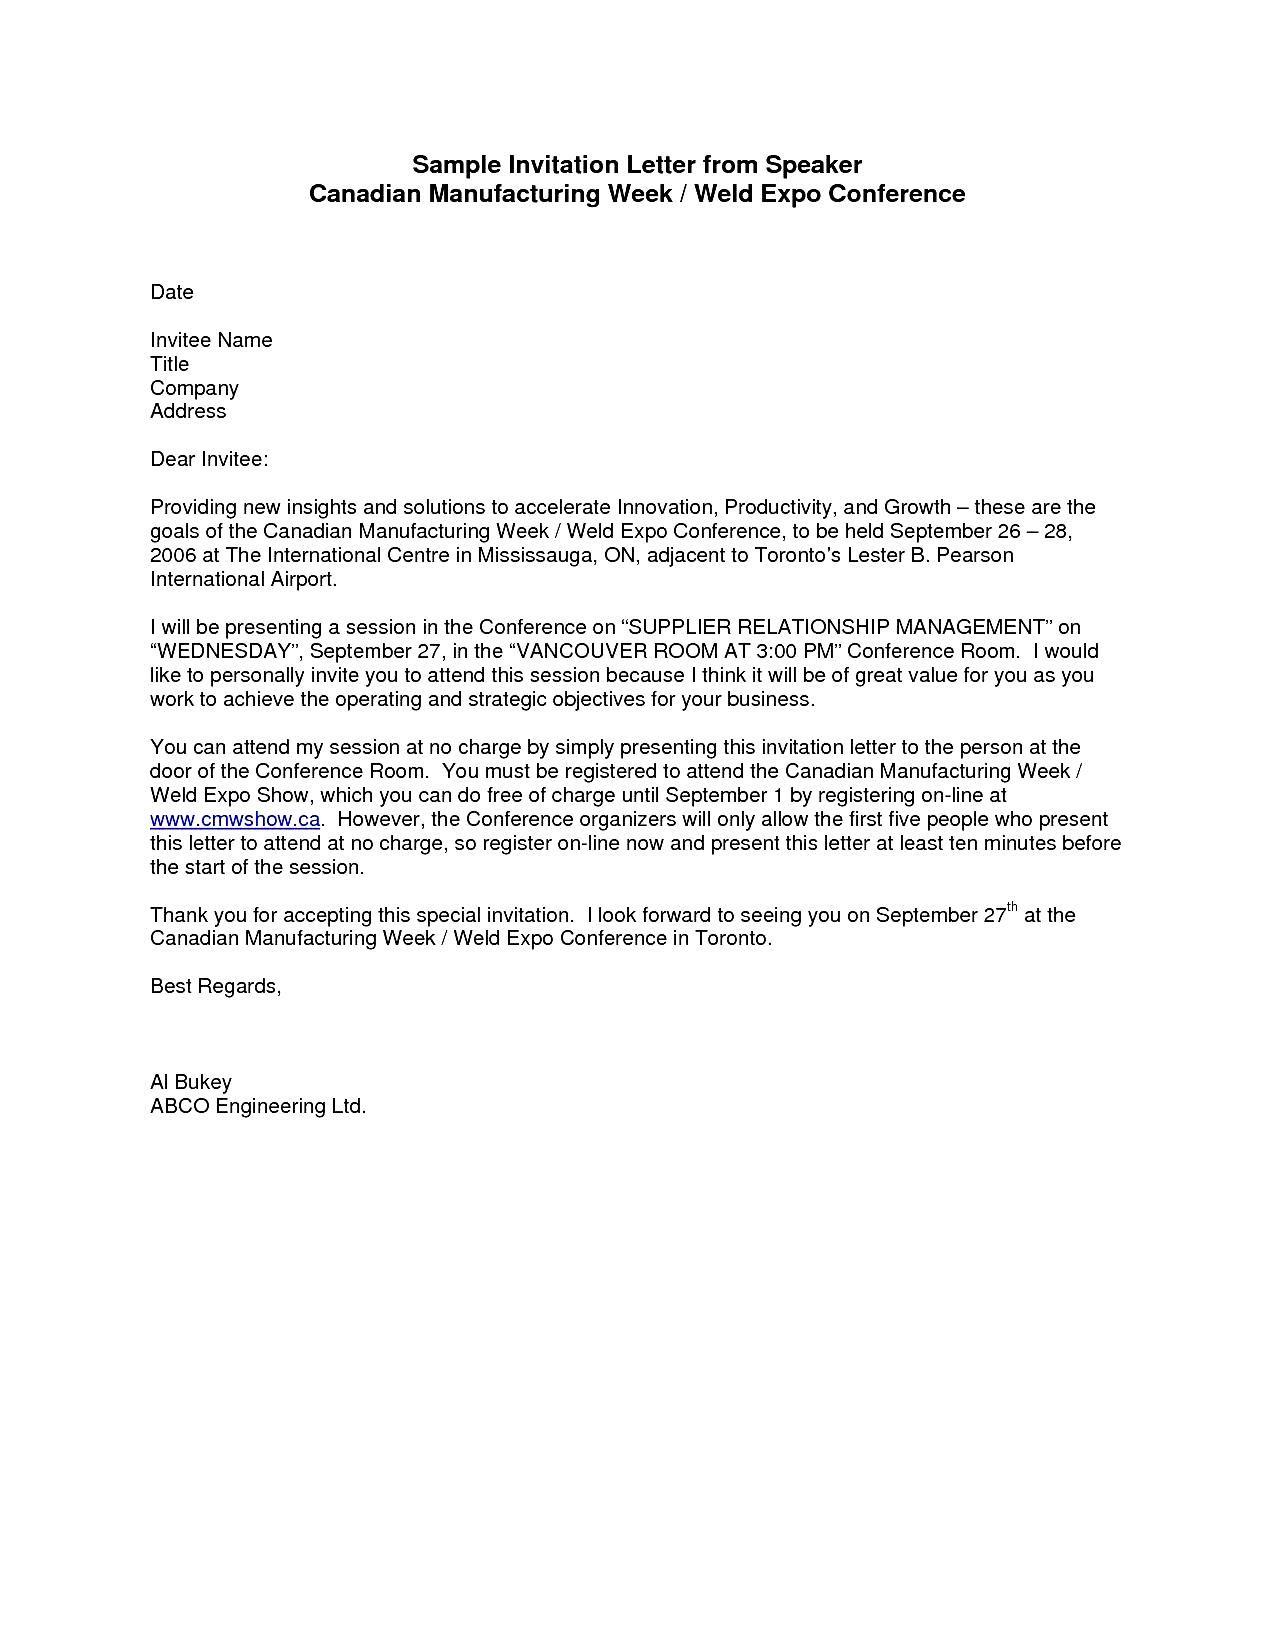 Sample Formal Invitation Letter For A Guest Speaker ...